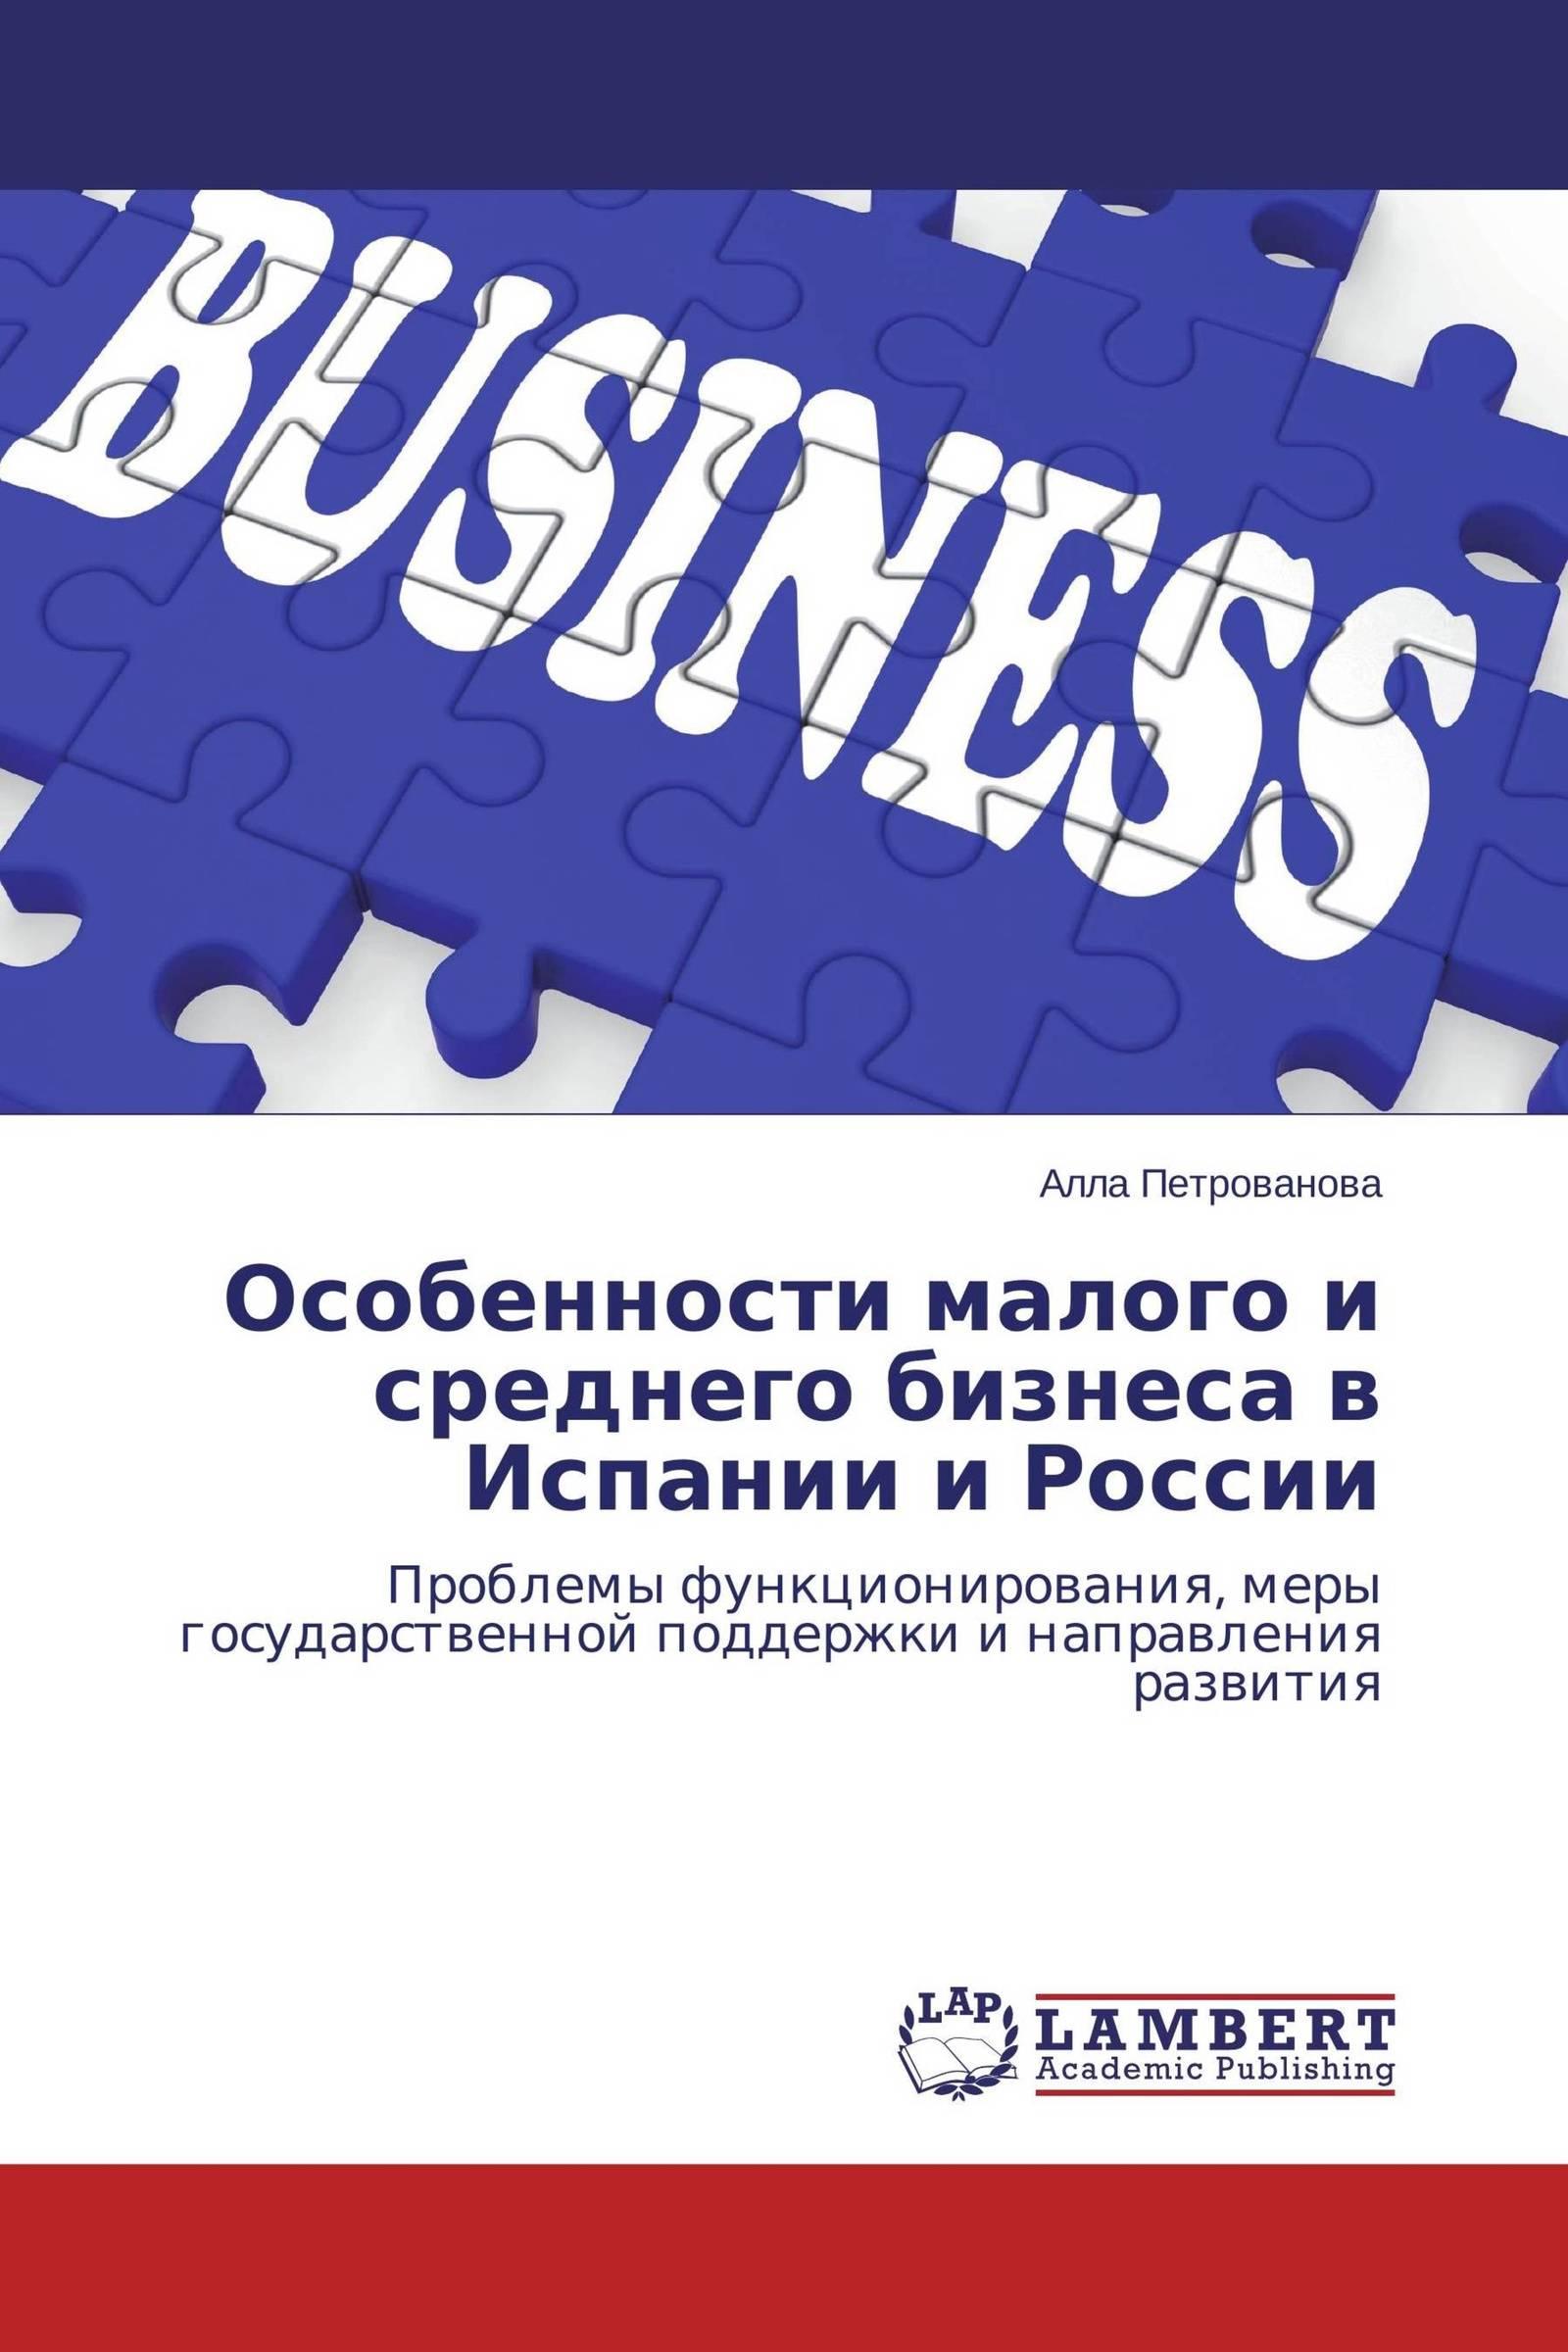 Как открыть бизнес в испании русским? формы и виды предпринимательства